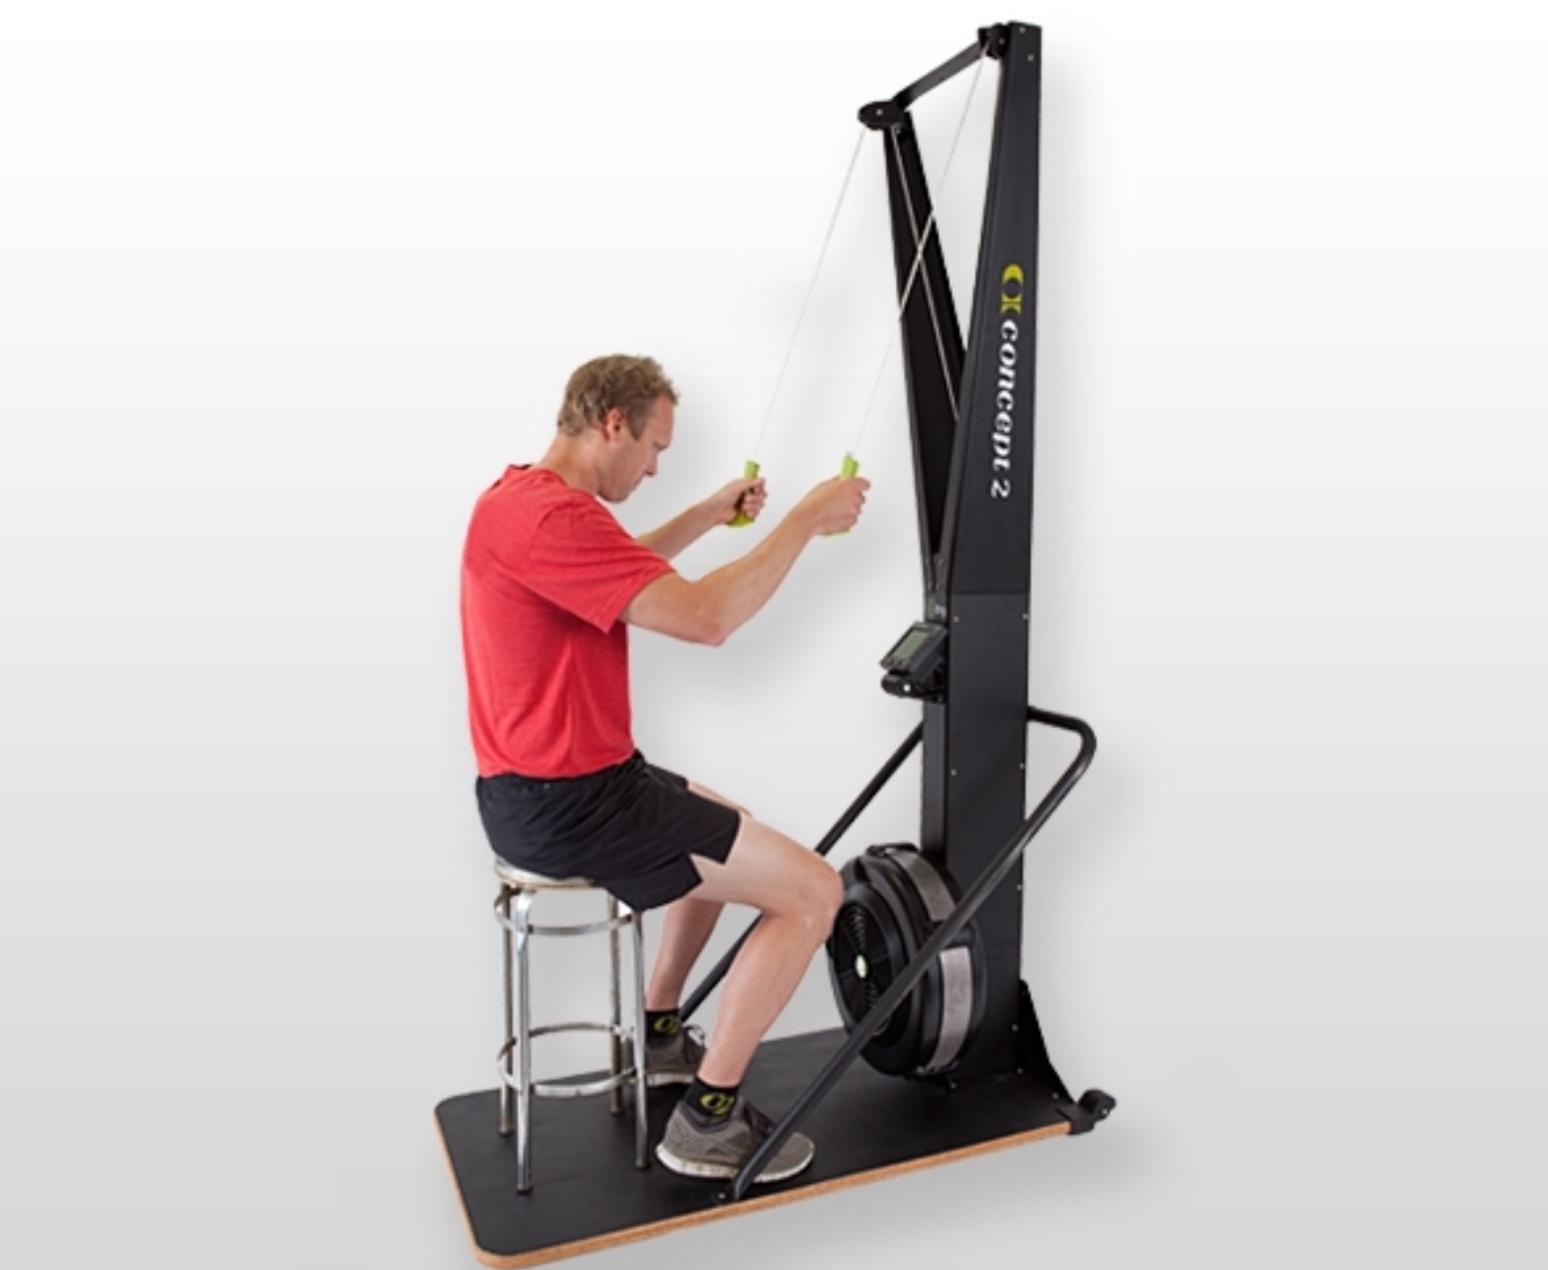 Gym Equipment Retailer - Second Strength